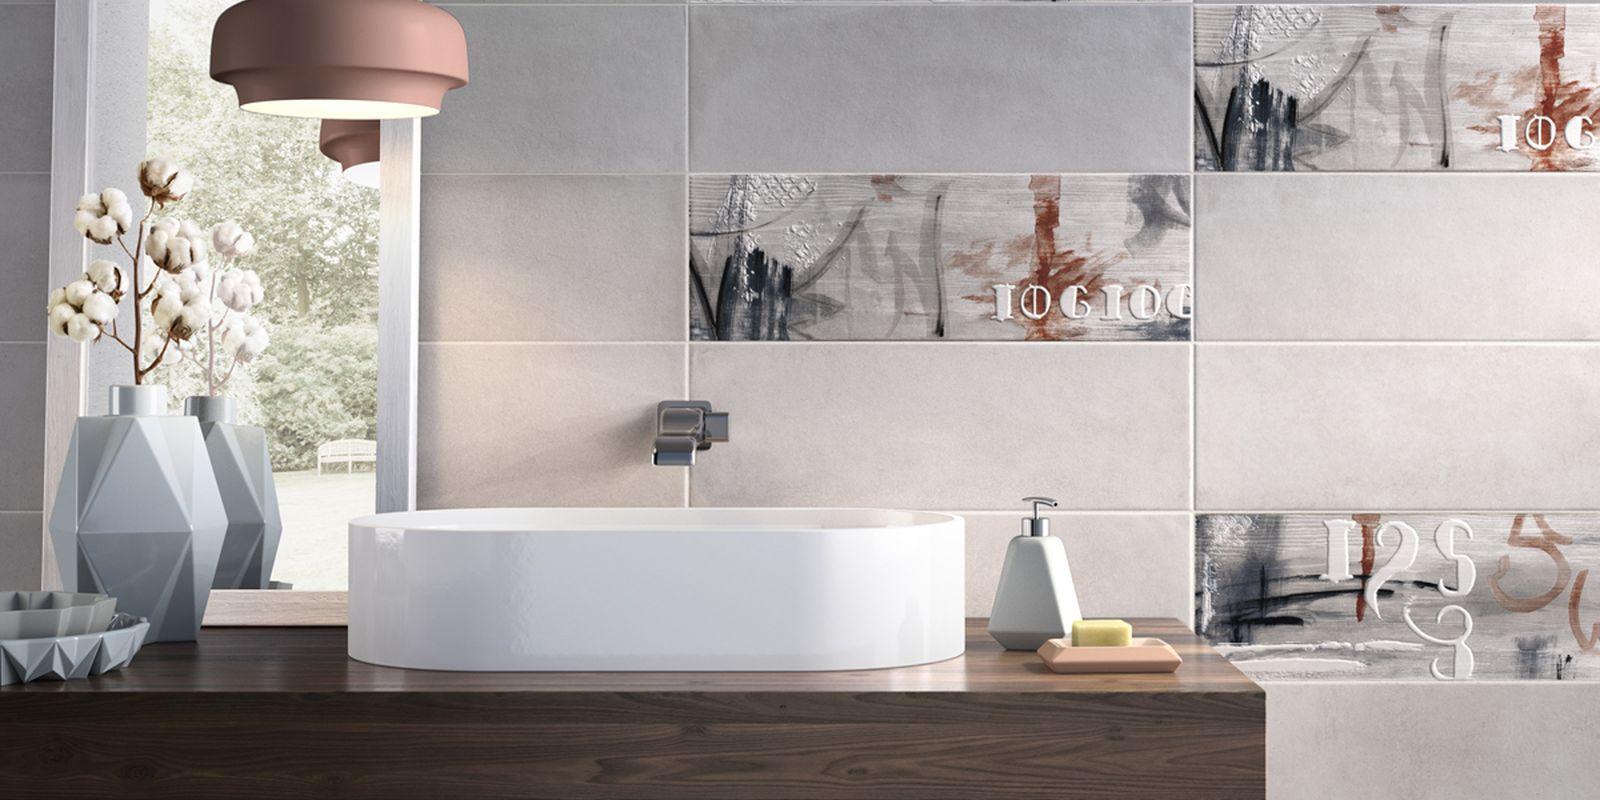 Riverside cooperativa ceramiche d 39 imola pavimenti gres for Ceramiche di imola